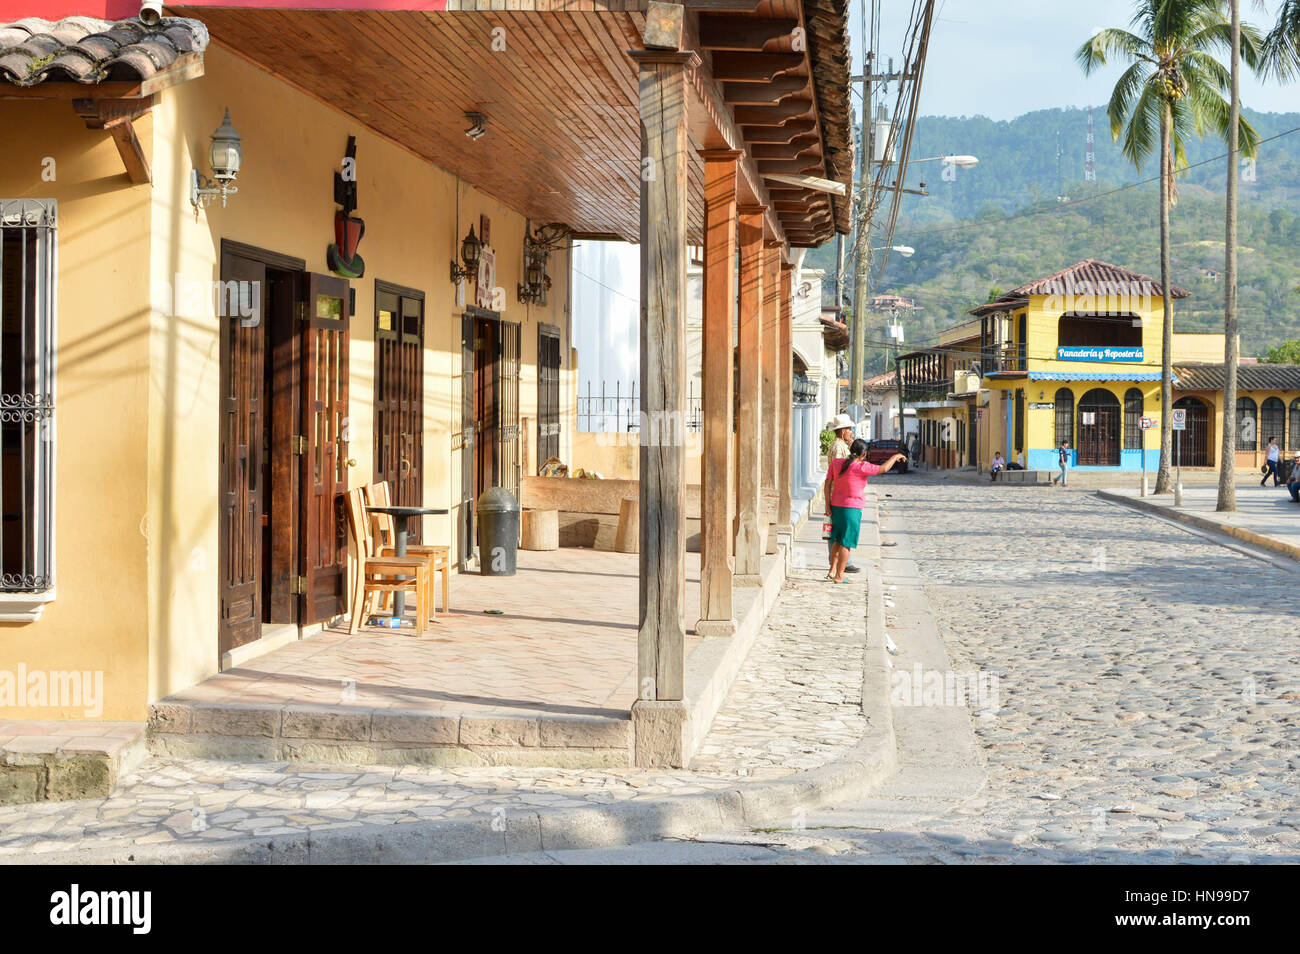 Copan Ruinas, Honduras - May 10, 2015: The view of the main plaza of a small colonial town of Copan Ruinas in Honduras, - Stock Image